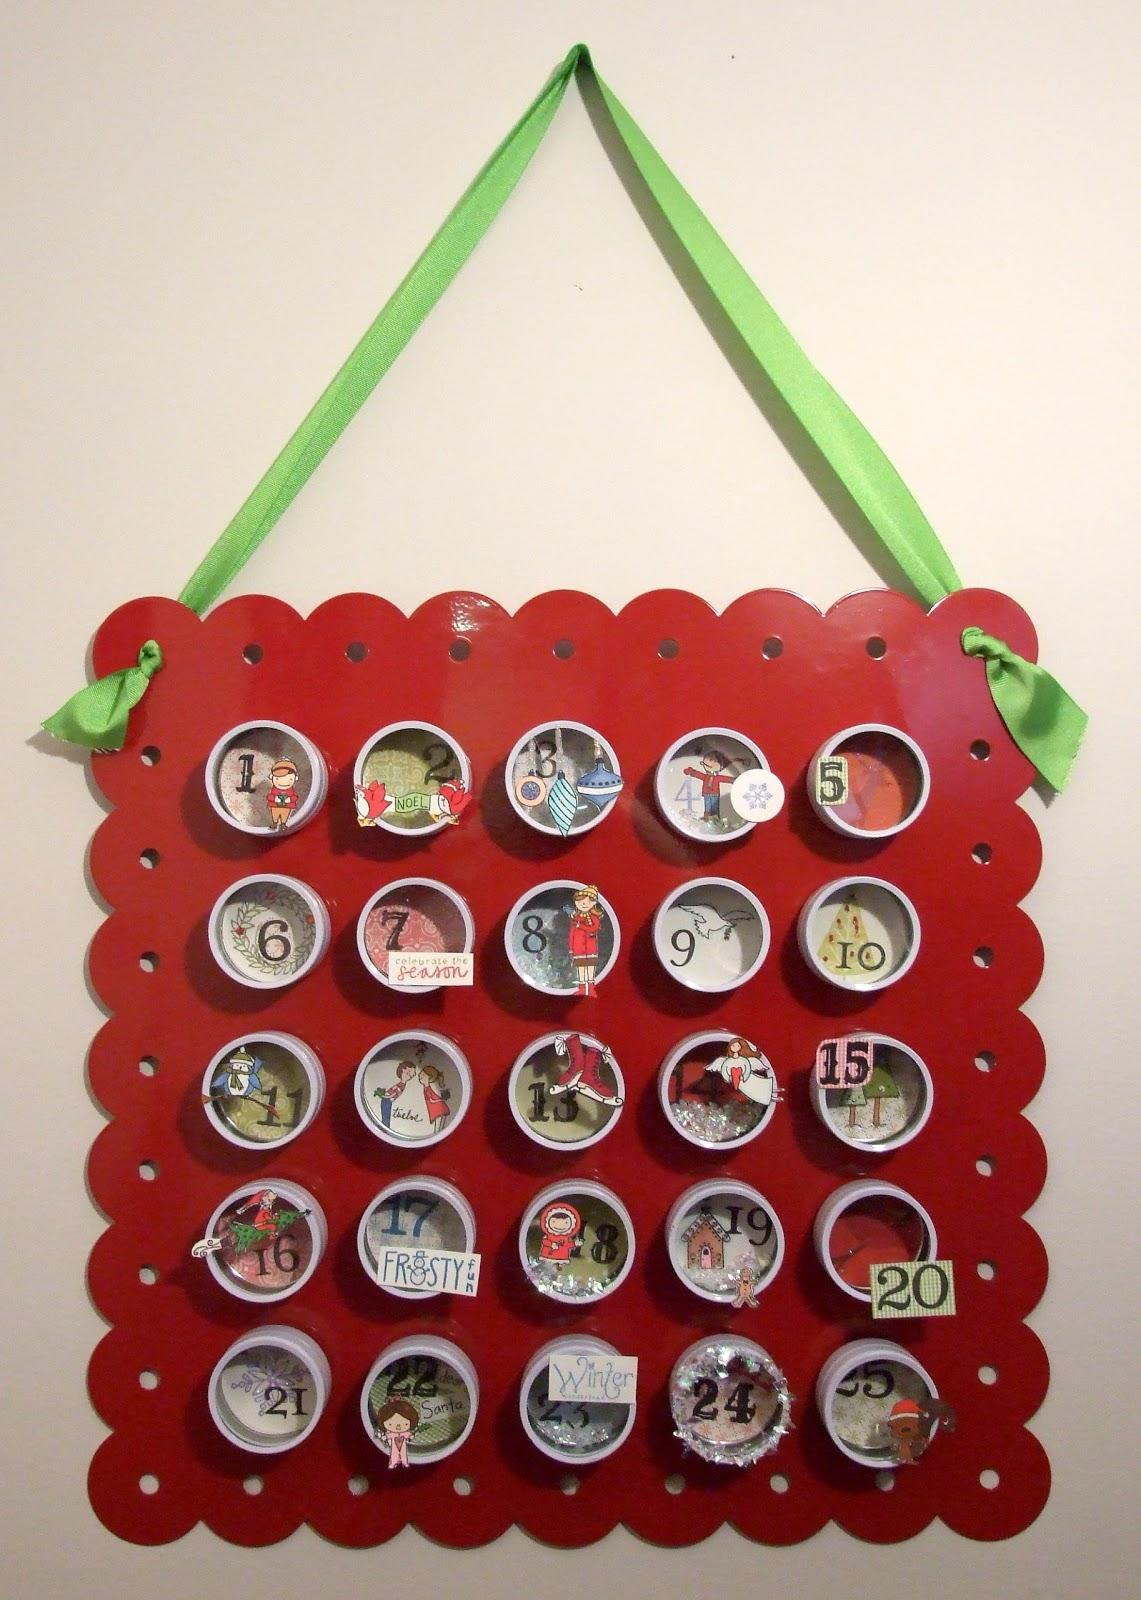 Everyday Ephemera Crafty Goodness Reusable Advent Calendar